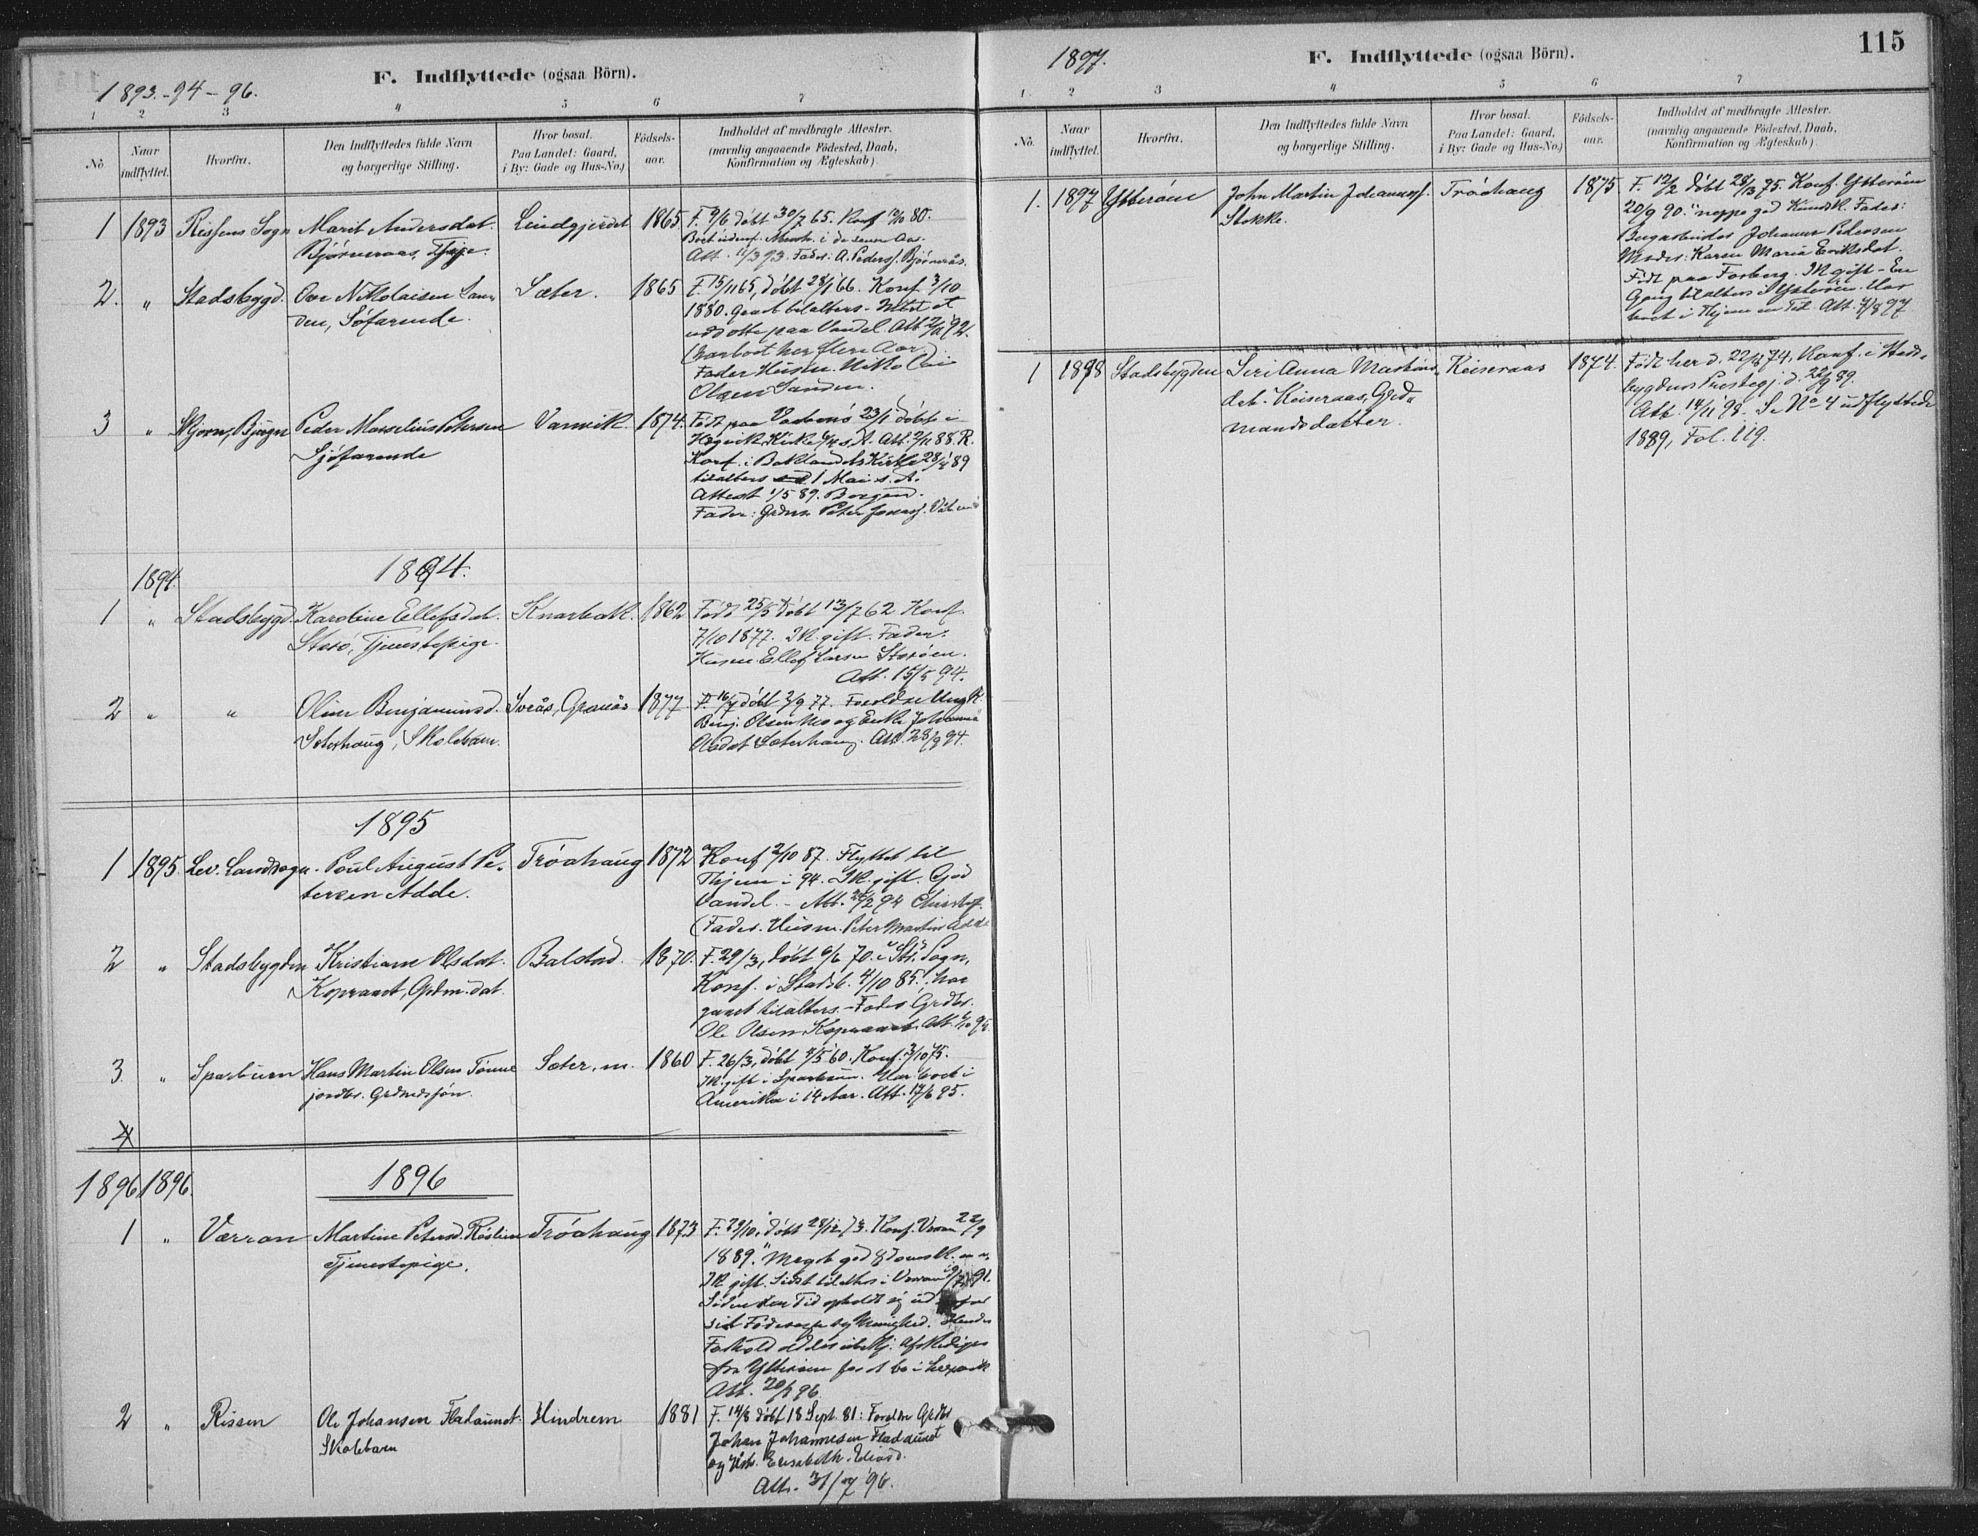 SAT, Ministerialprotokoller, klokkerbøker og fødselsregistre - Nord-Trøndelag, 702/L0023: Ministerialbok nr. 702A01, 1883-1897, s. 115